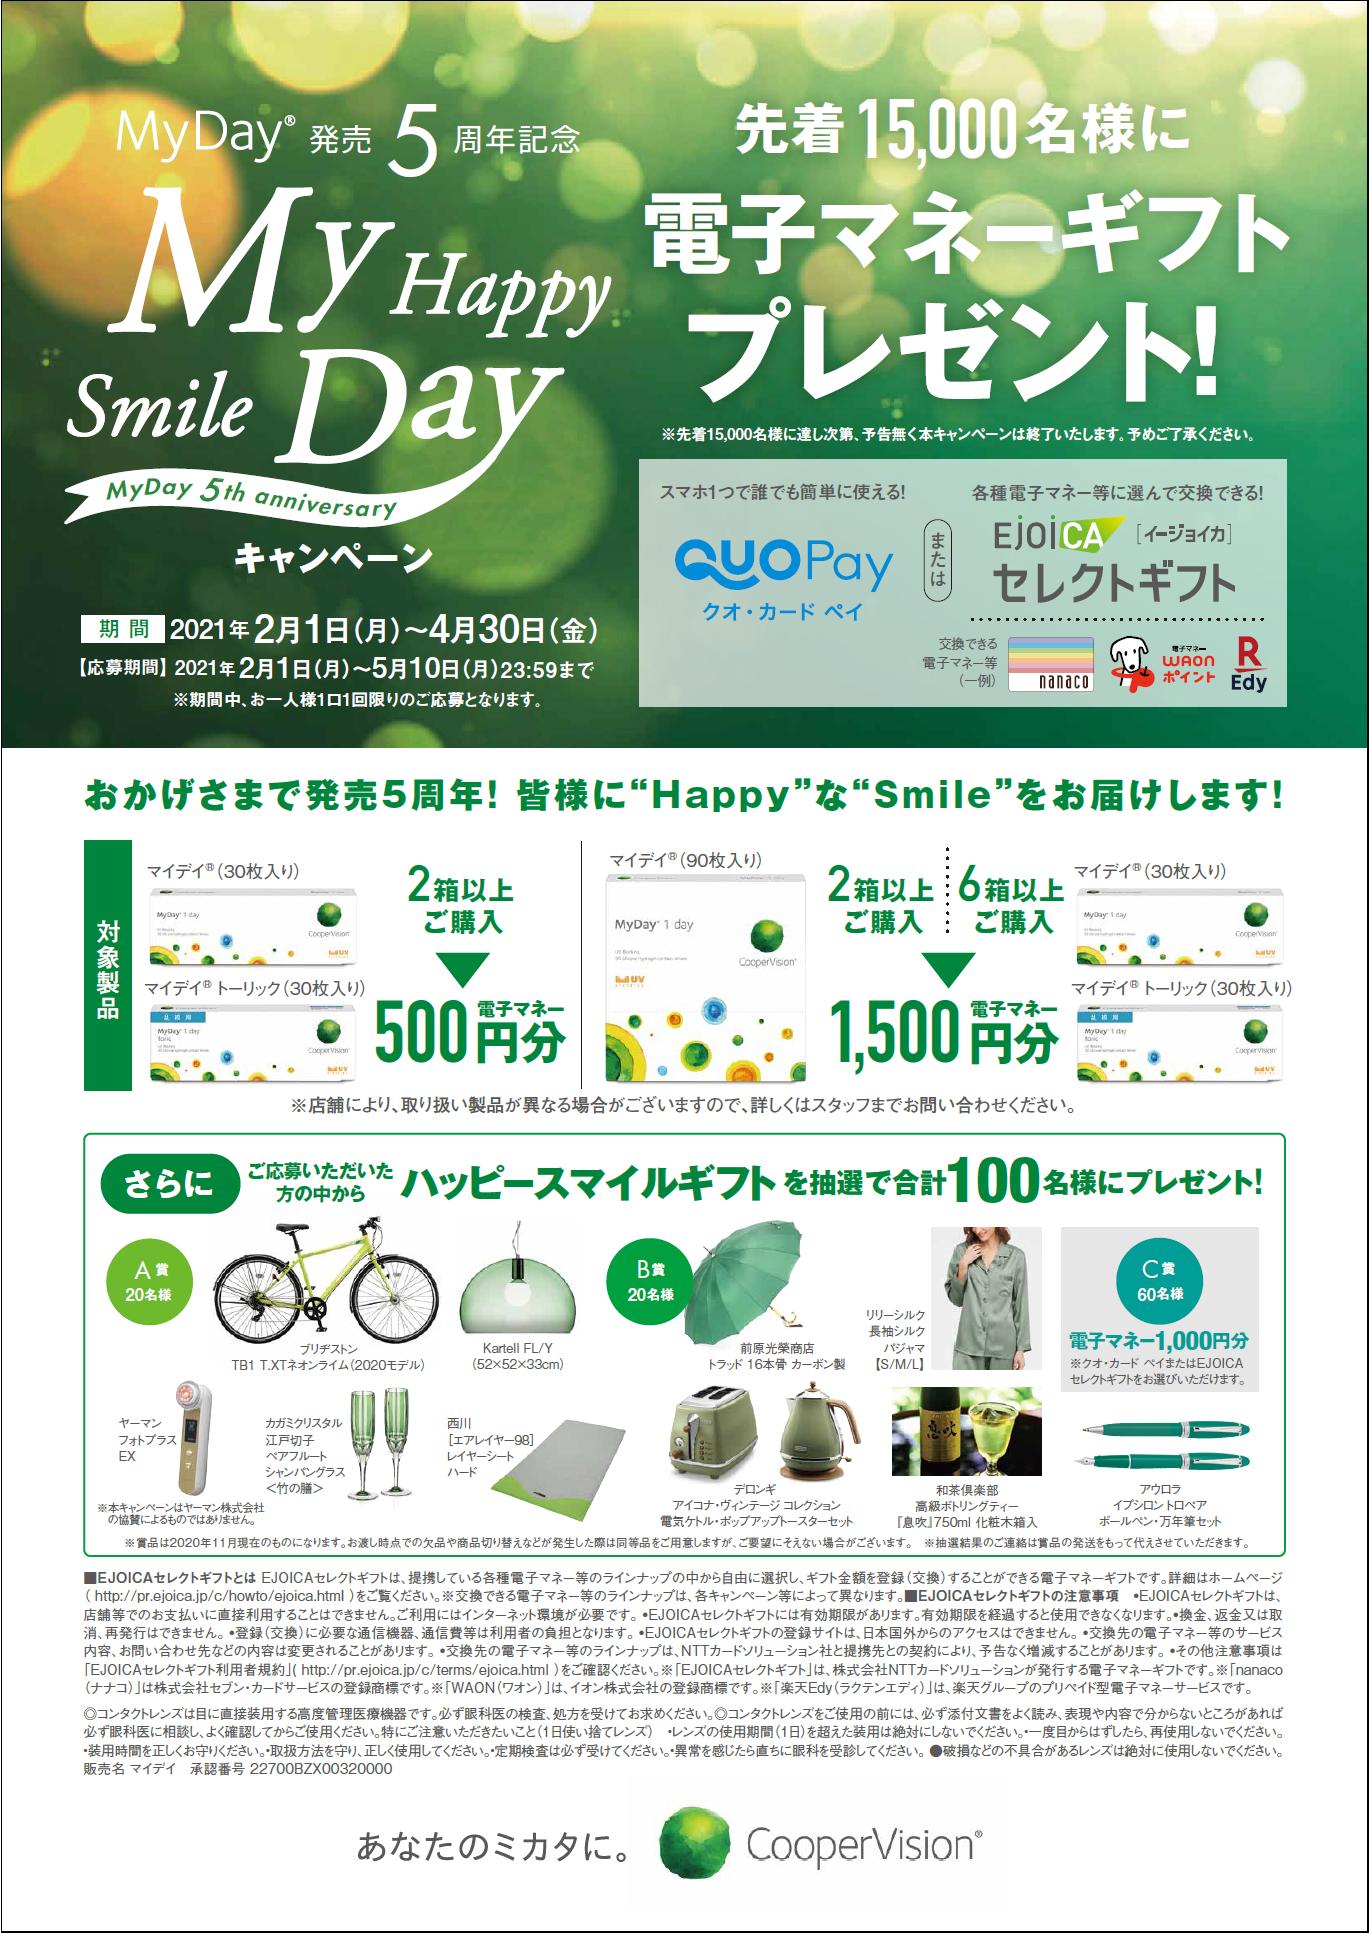 My Happy smileDay キャンペーン